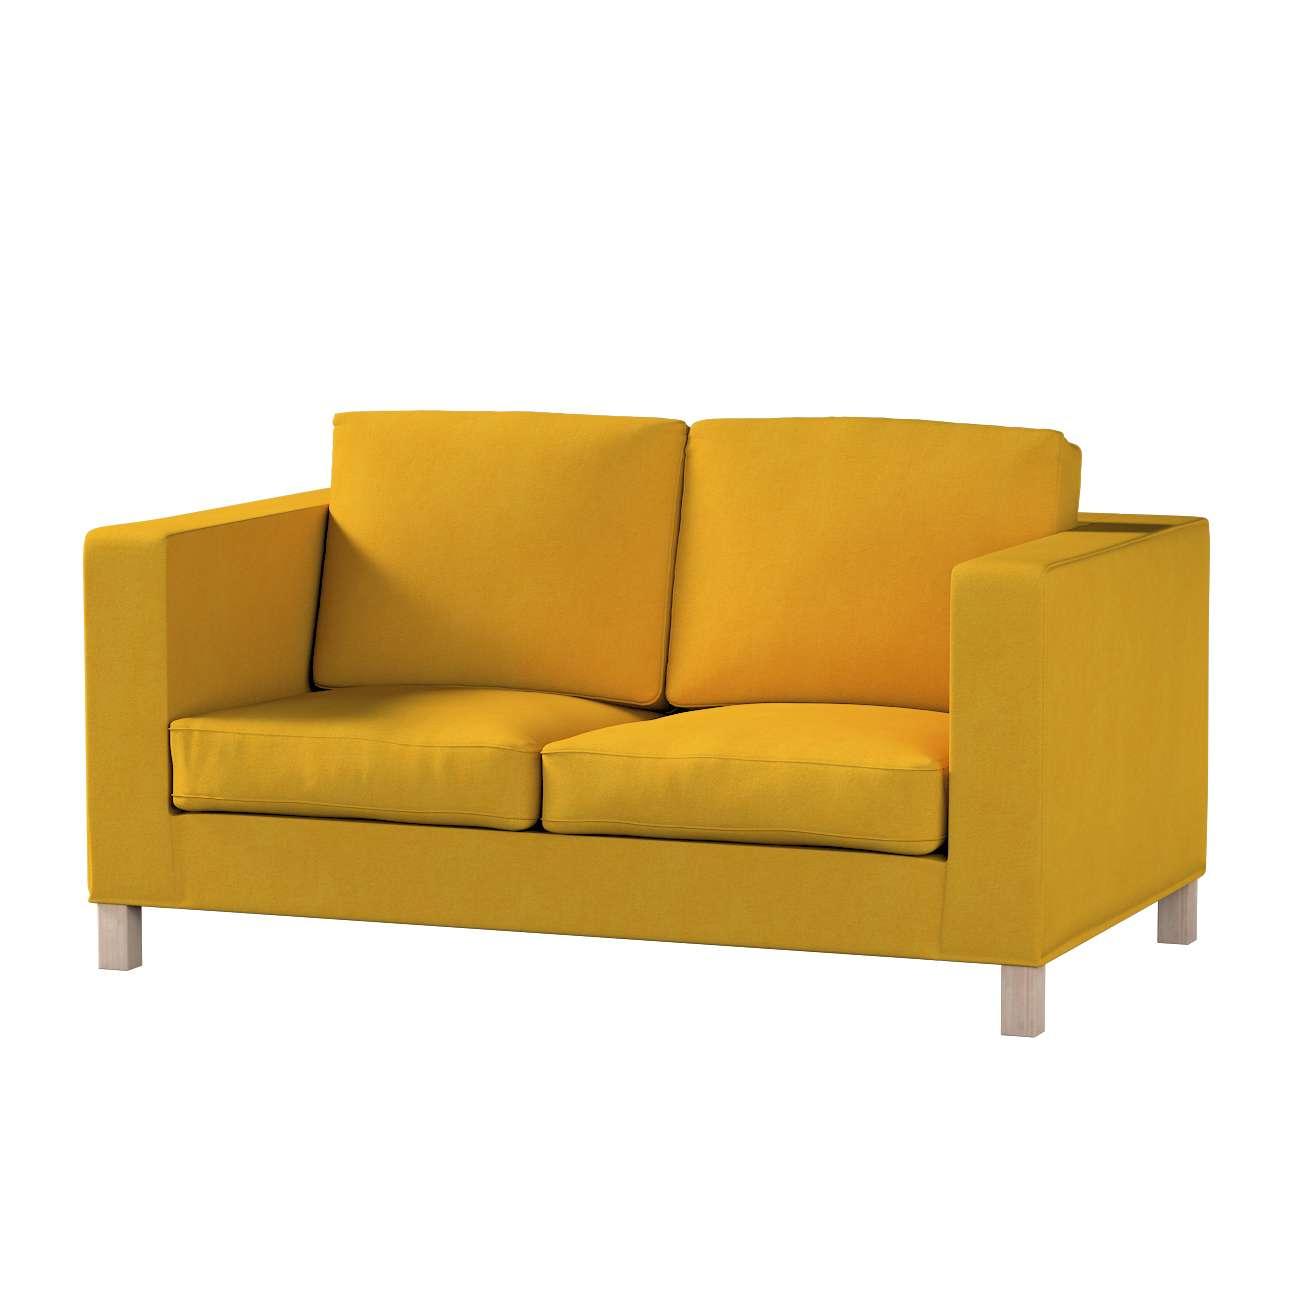 Potah na pohovku IKEA  Karlanda 2-místná, krátký pohovka Karlanda 2-os v kolekci Etna, látka: 705-04